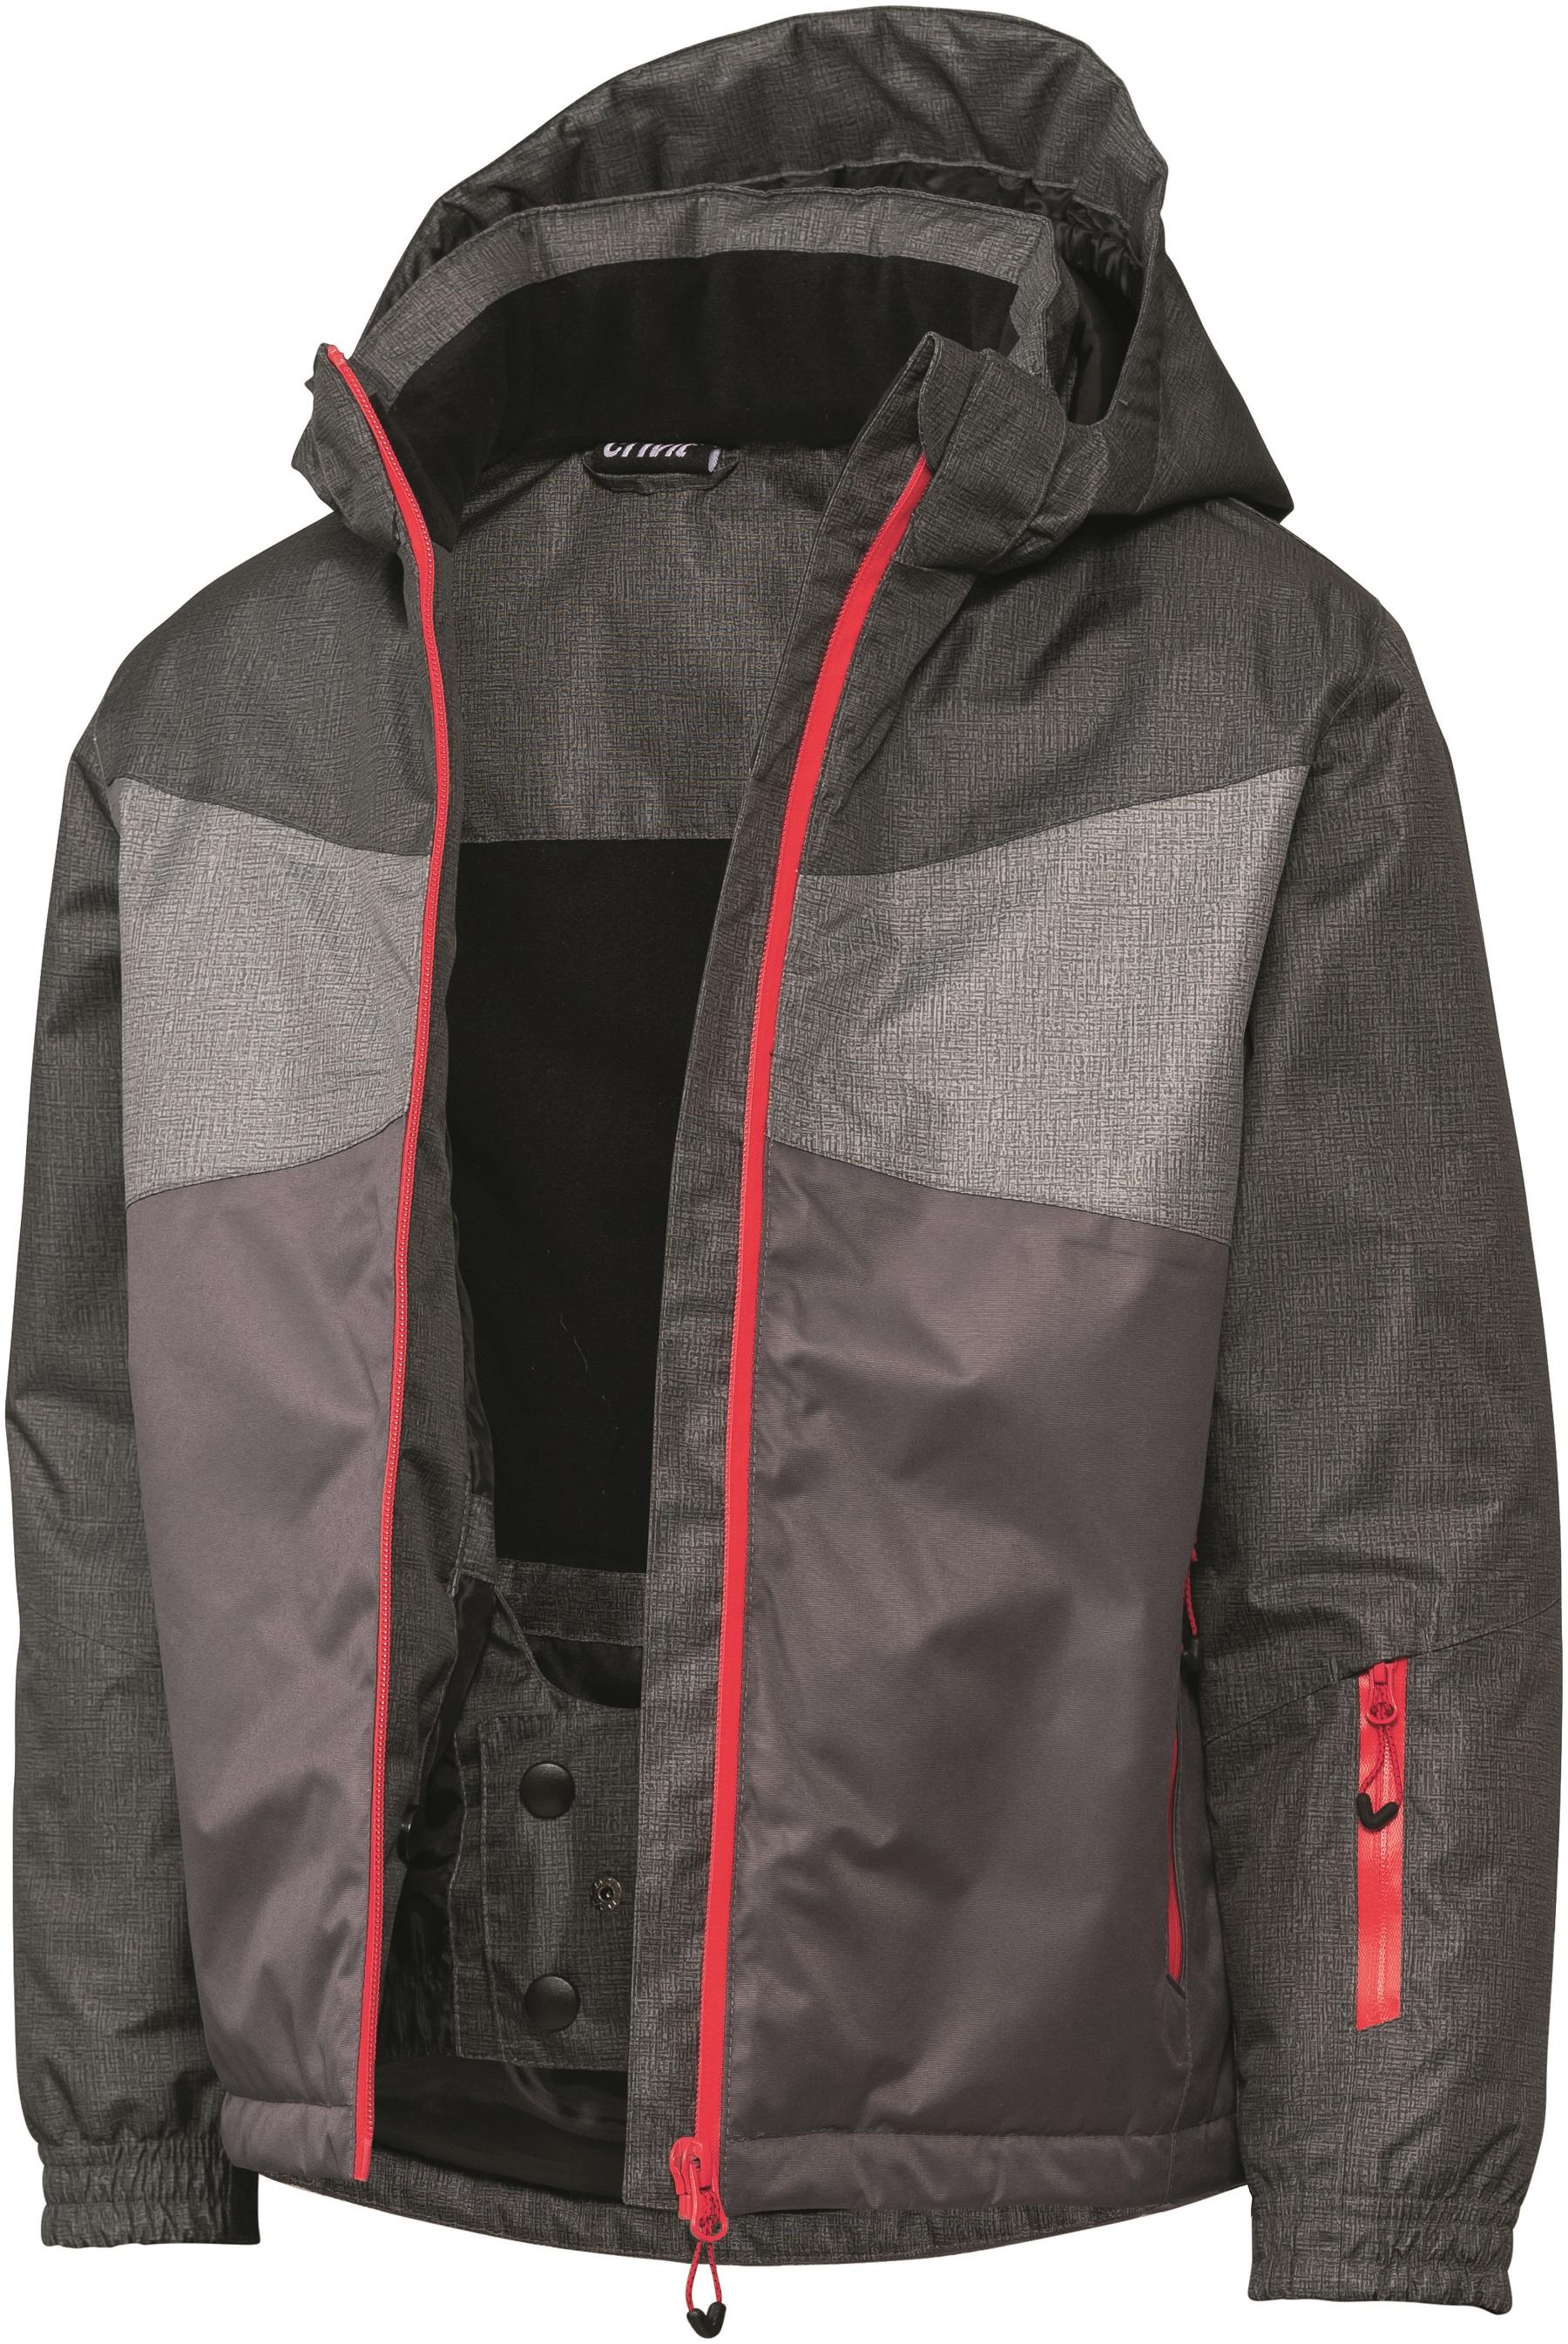 Boys Ski Jacket £12.99 (2).JPG